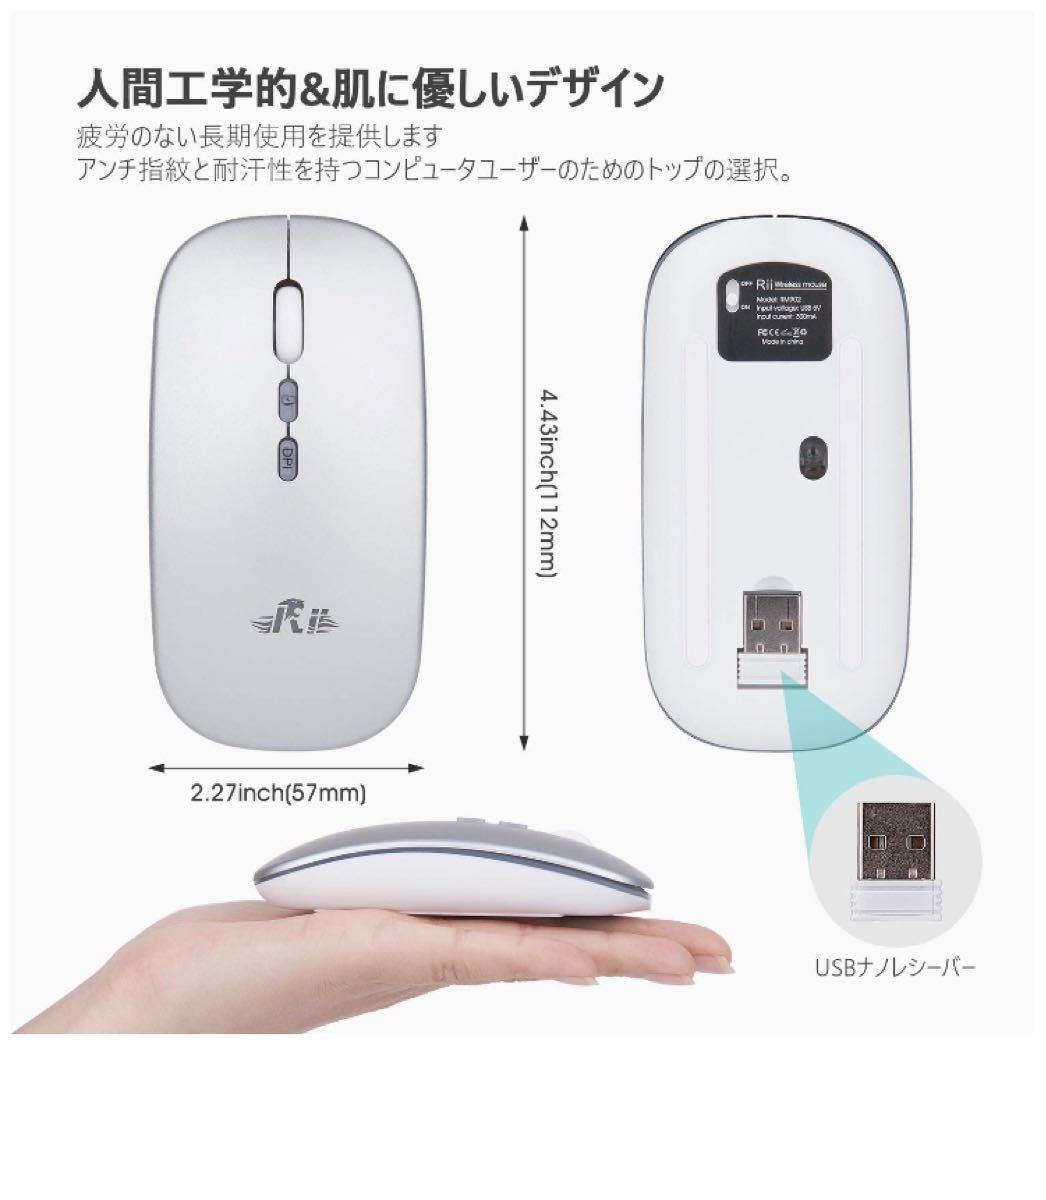 ワイヤレスマウス 充電式 長時間無線マウス 静音超薄型 持ち運び便利省エネルギー